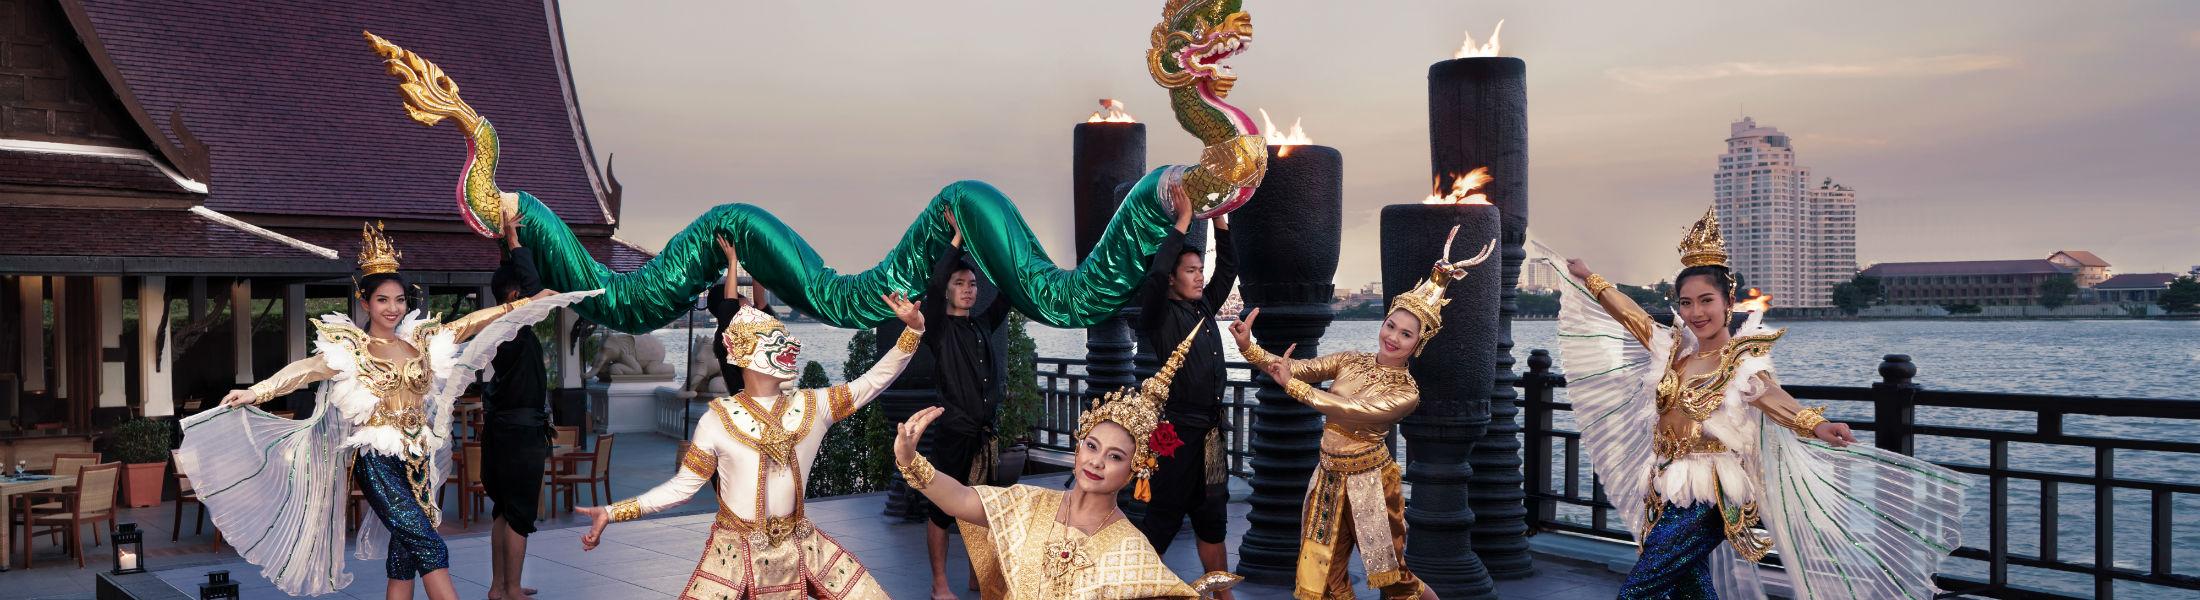 Cultural Show at the Anantara Riverside Bangkok Resort